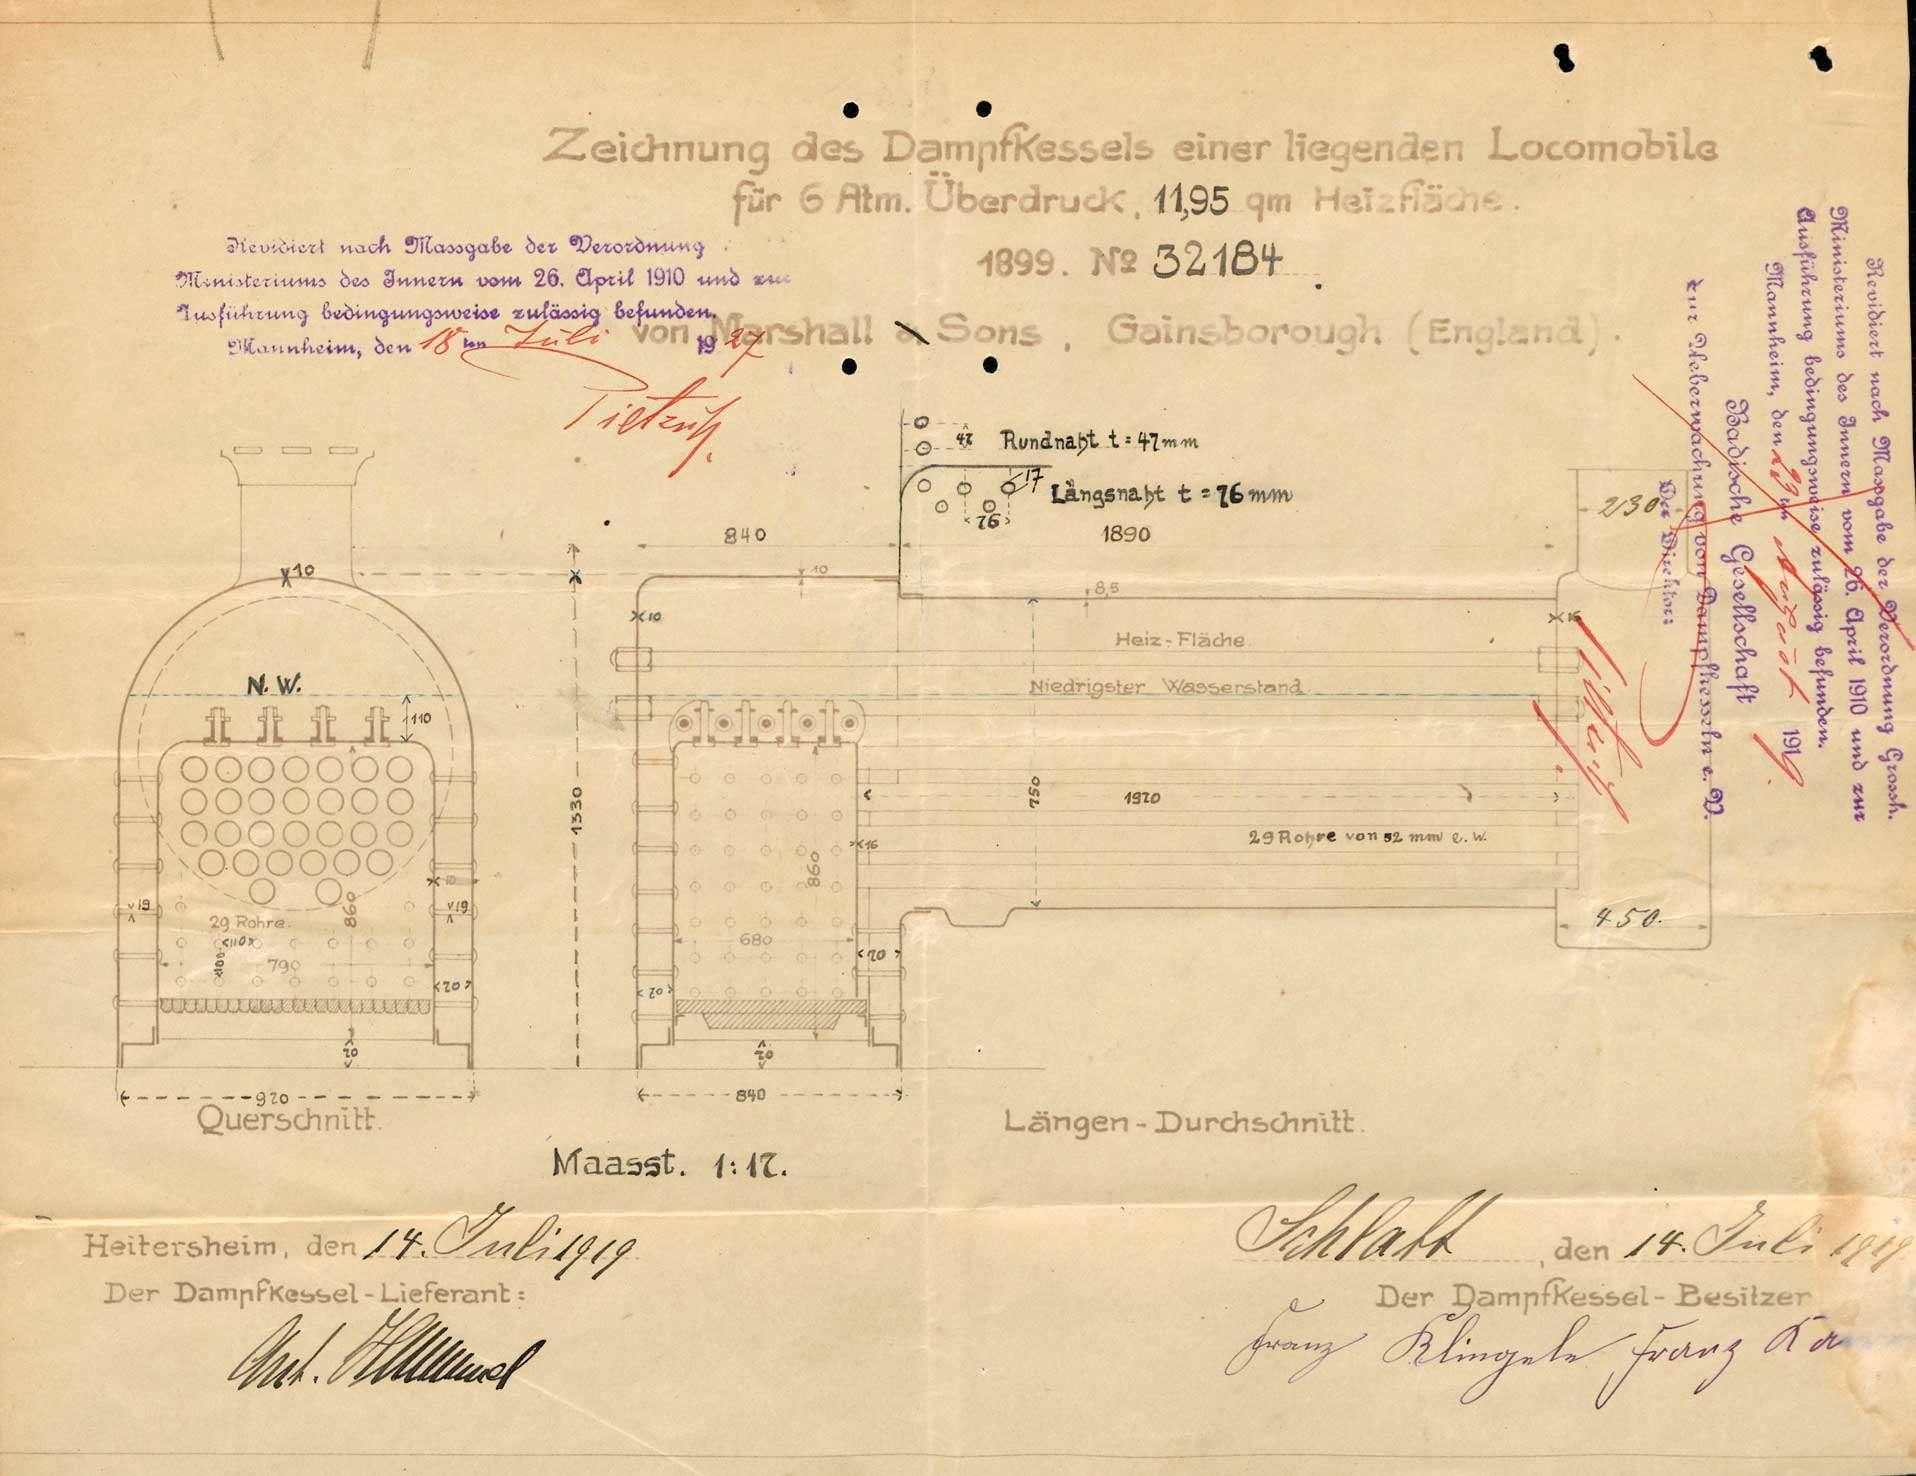 Gesuch der Süddeutschen Straßenbau-Industrie GmbH, Kandern, um Erlaubnis zur Anlegung eines Dampfkessels in Wollbach, Bild 3